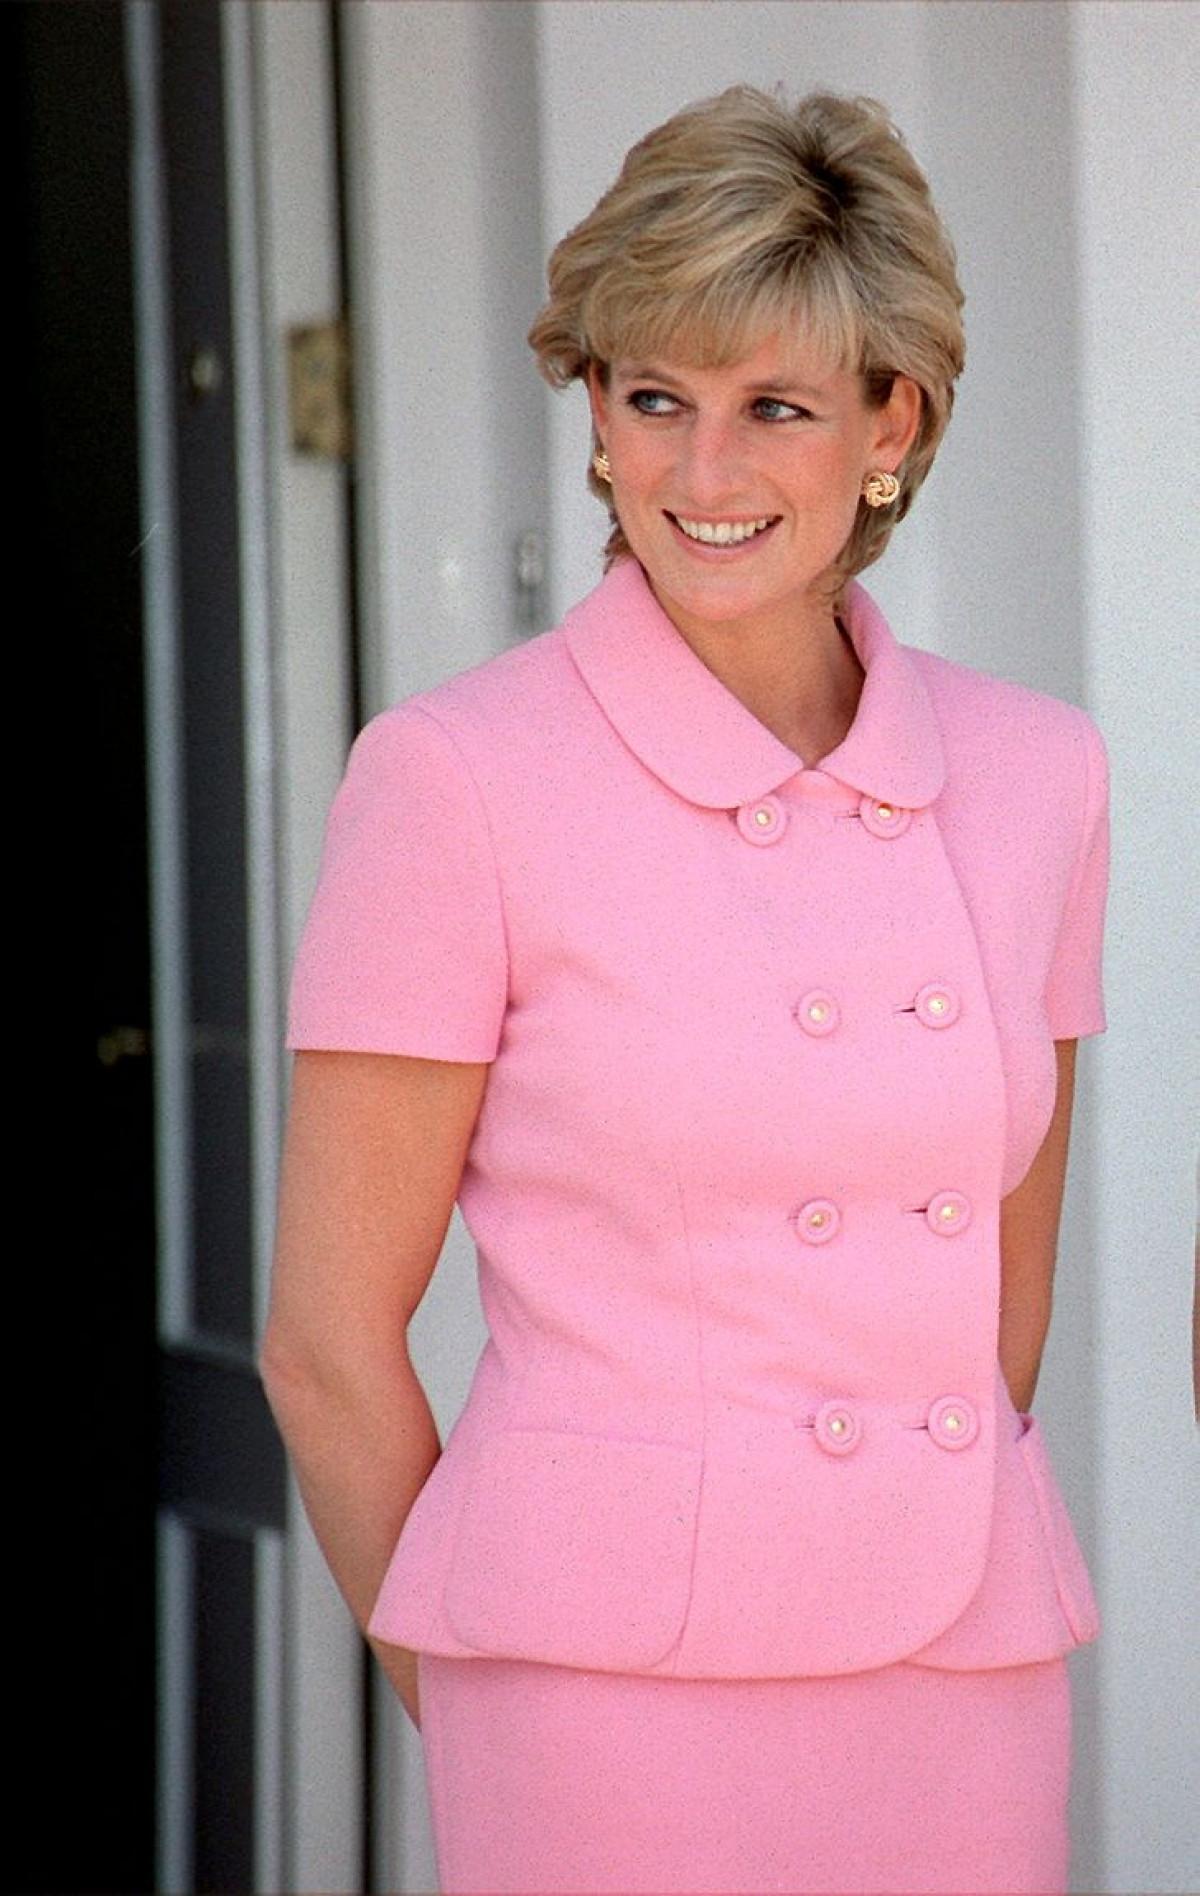 Công nương Diana Diện trang phục màu hồng quý phái, thanh lịch khó sánh - 2